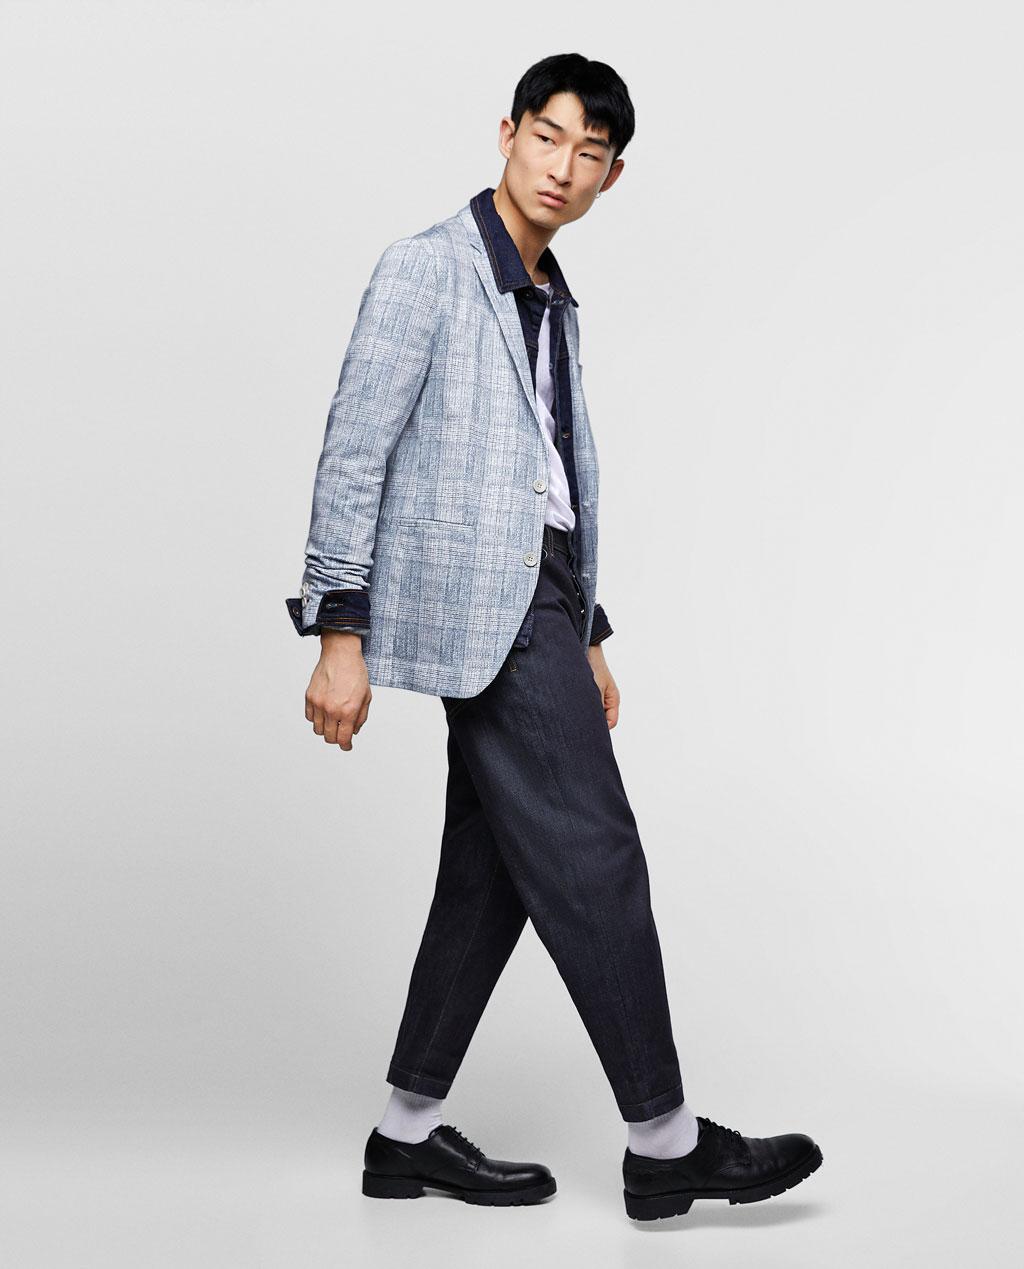 Thời trang nam Zara  24088 - ảnh 3